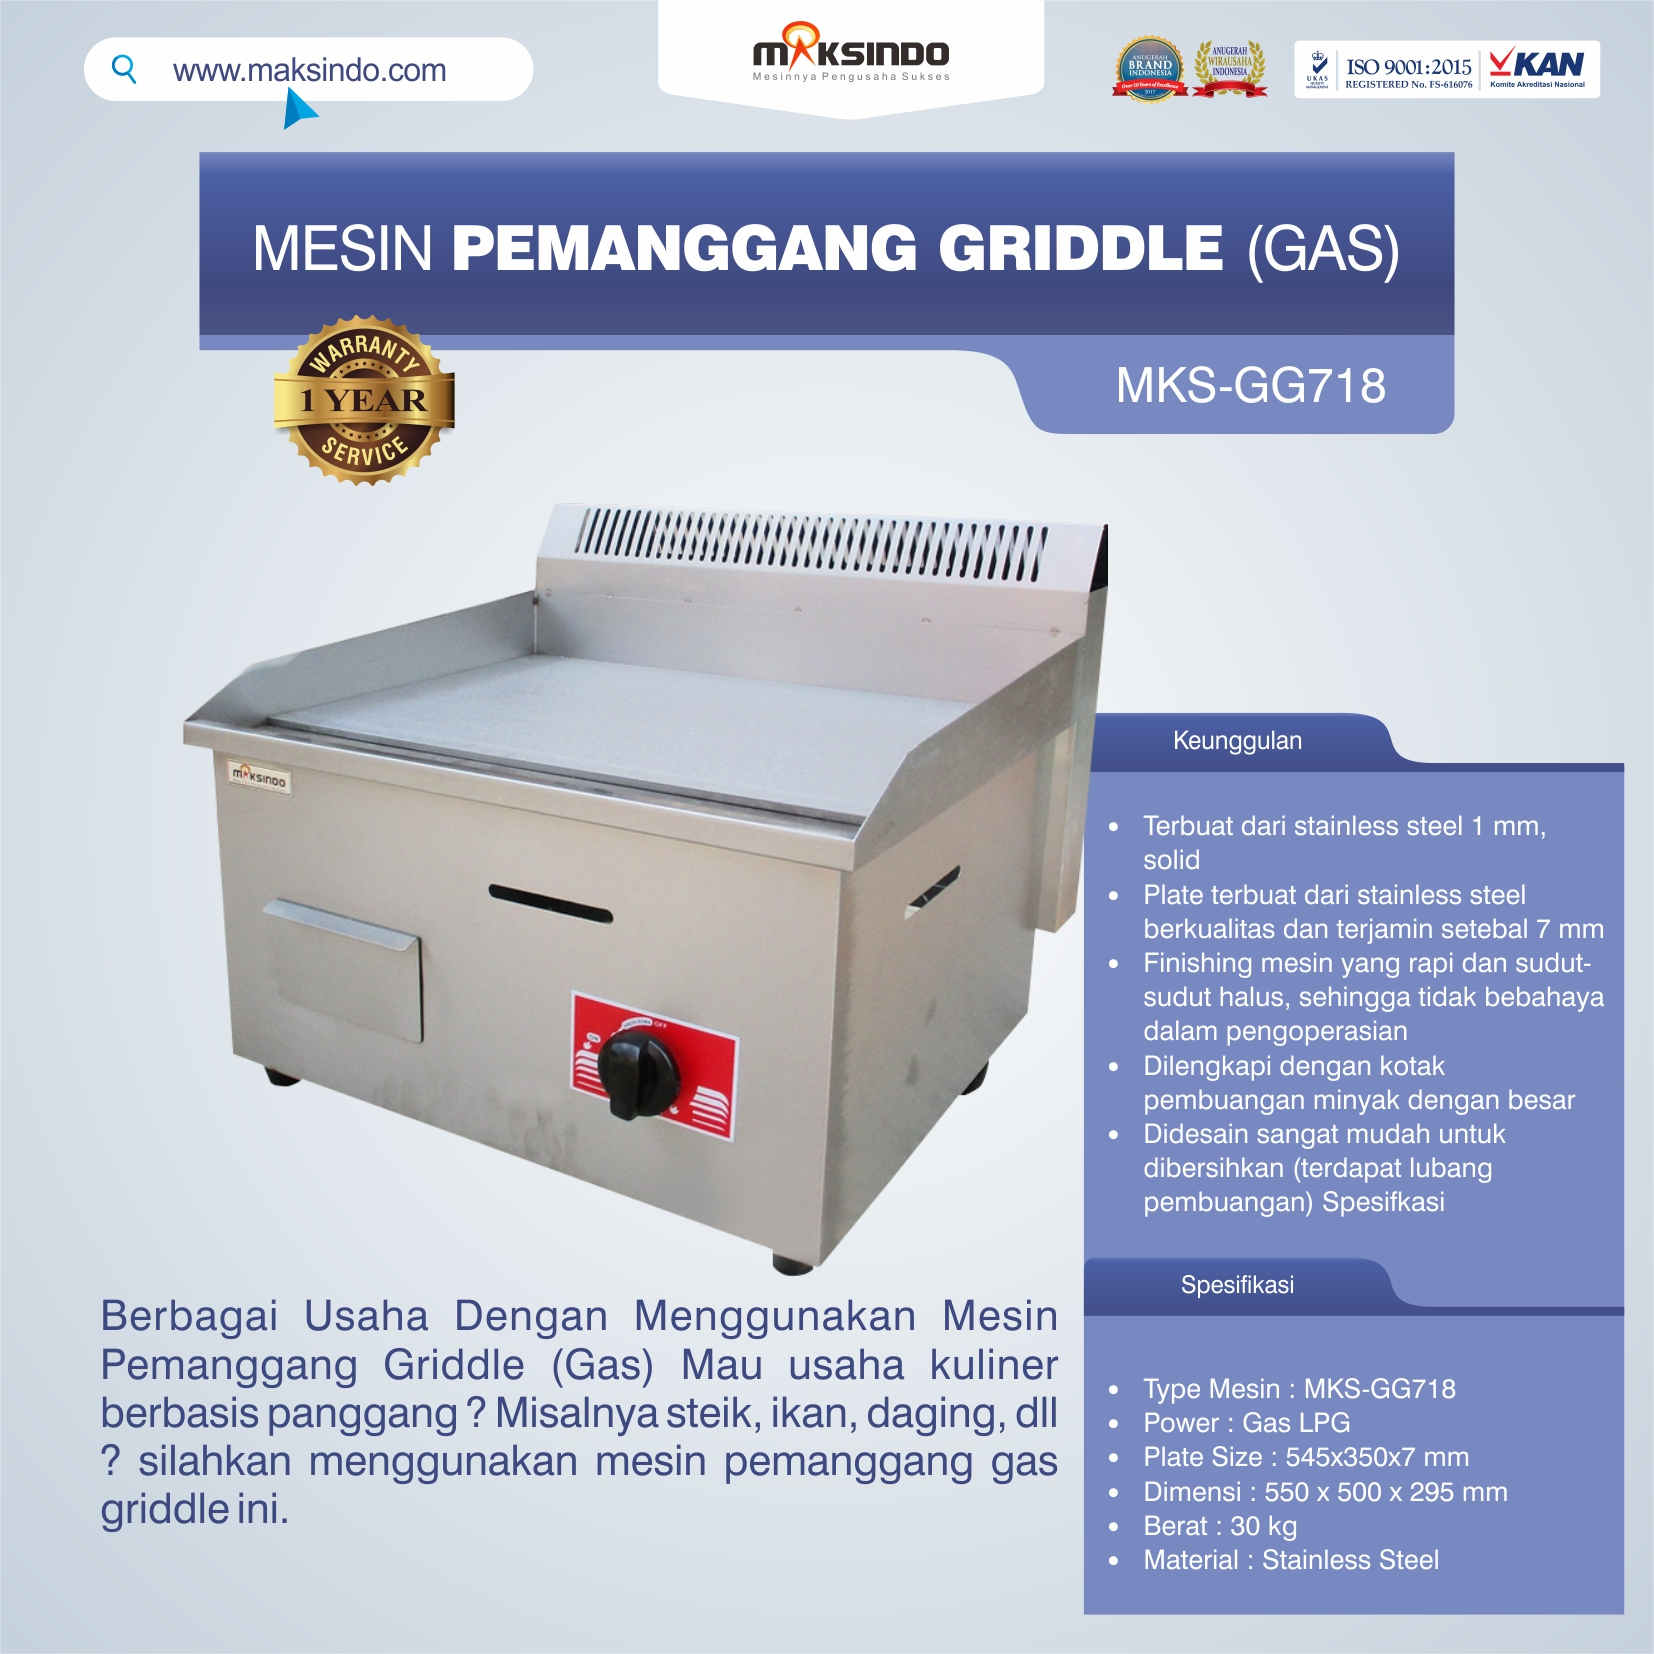 Jual Mesin Pemanggang Griddle (GAS) – GG718 di Bekasi